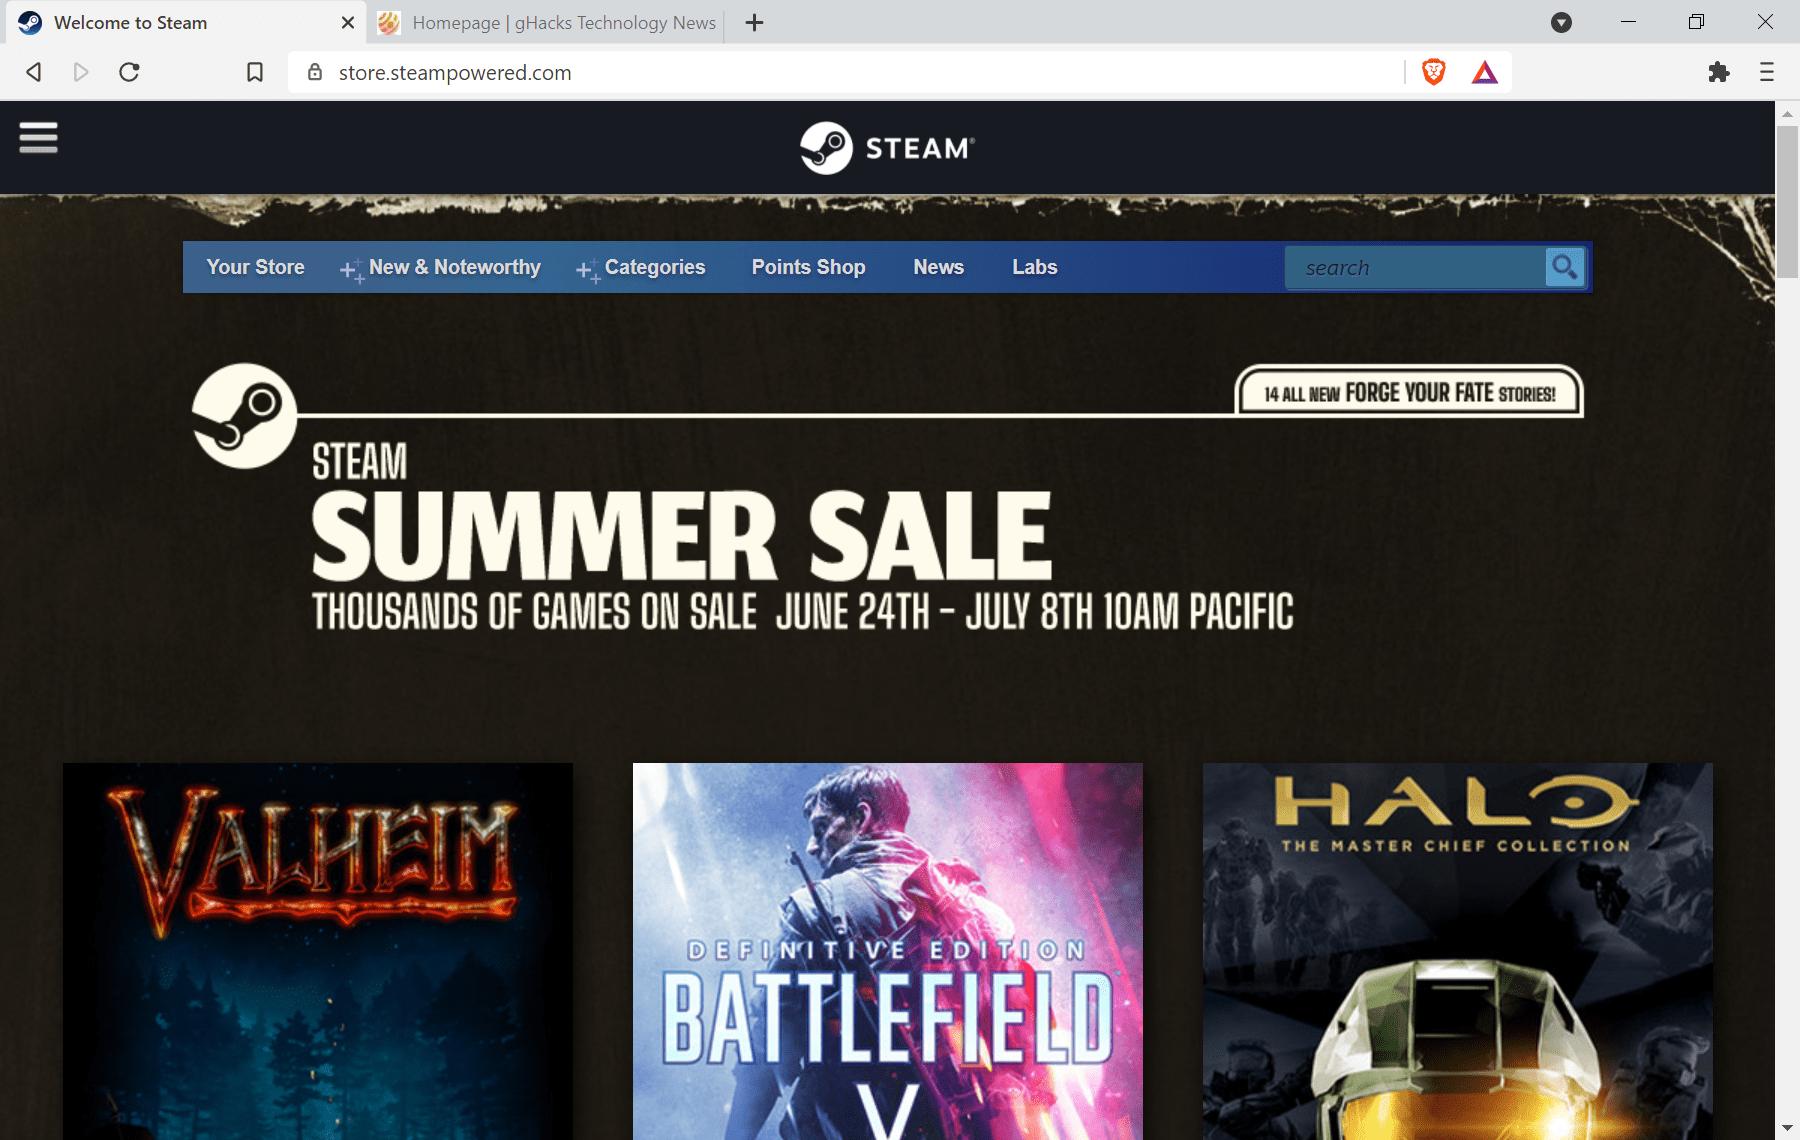 Les soldes d'été Steam ont des offres sur des milliers de jeux